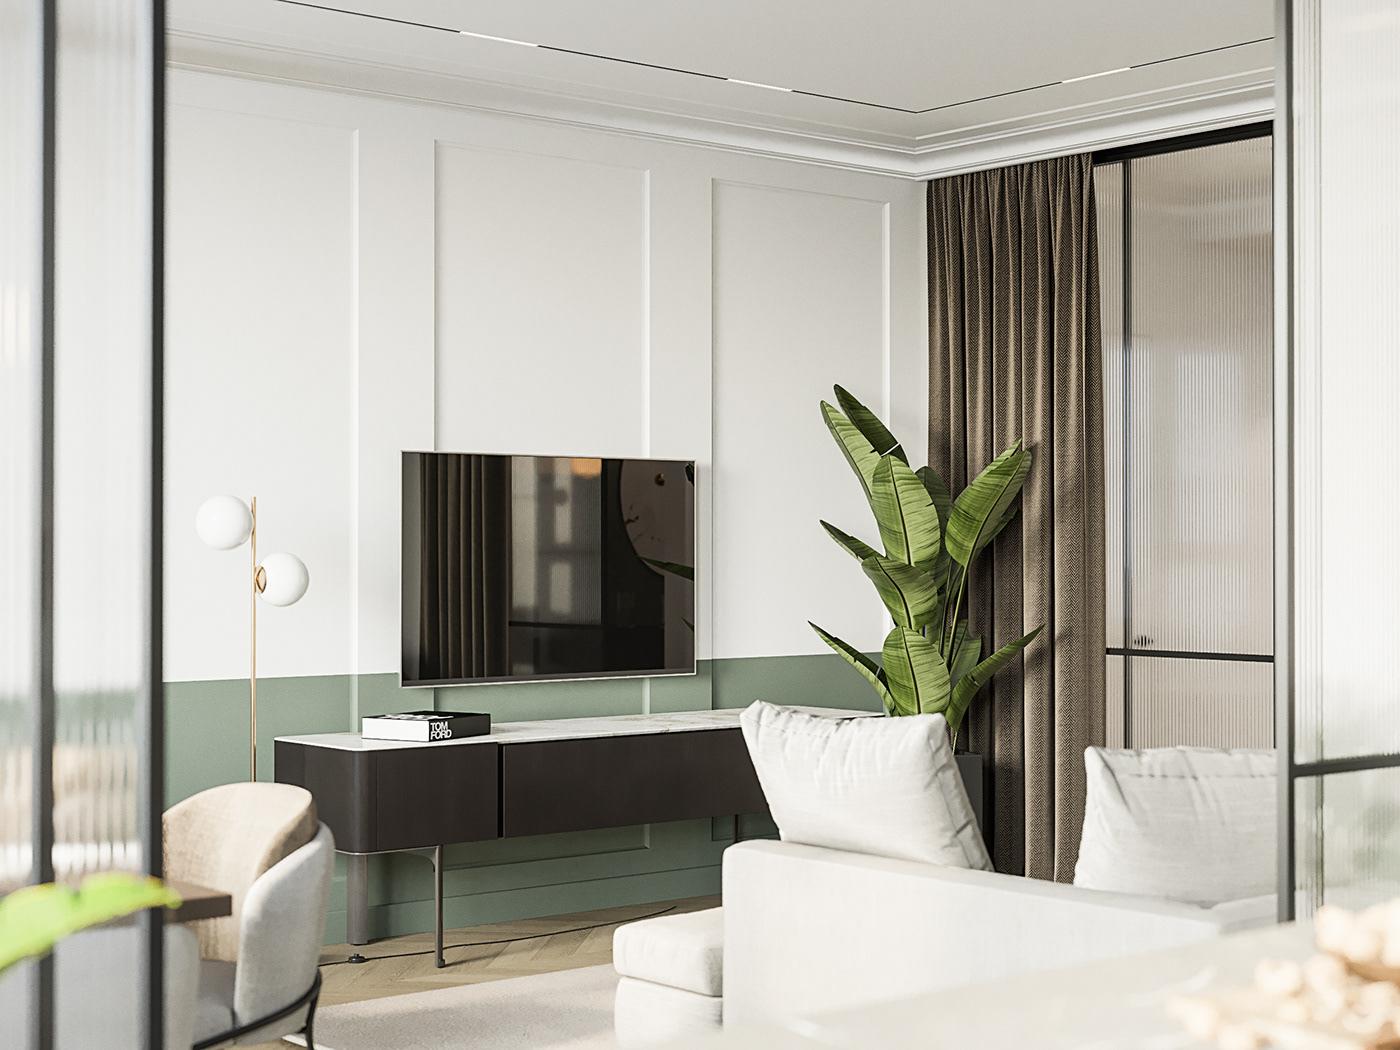 дизайн интерьер москва Конпепт современный зеленый Interior Moscow corona render